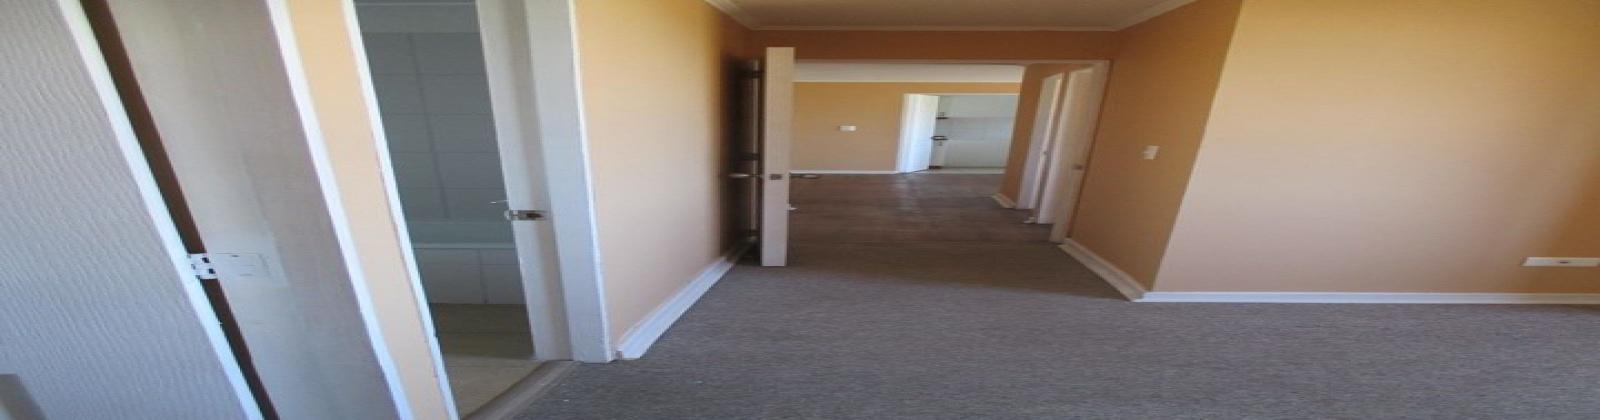 Curauma, Vaparaiso, Región V - Valparaiso, 2 Habitaciones Habitaciones, ,2 BathroomsBathrooms,Departamento,Venta,Curauma,1057